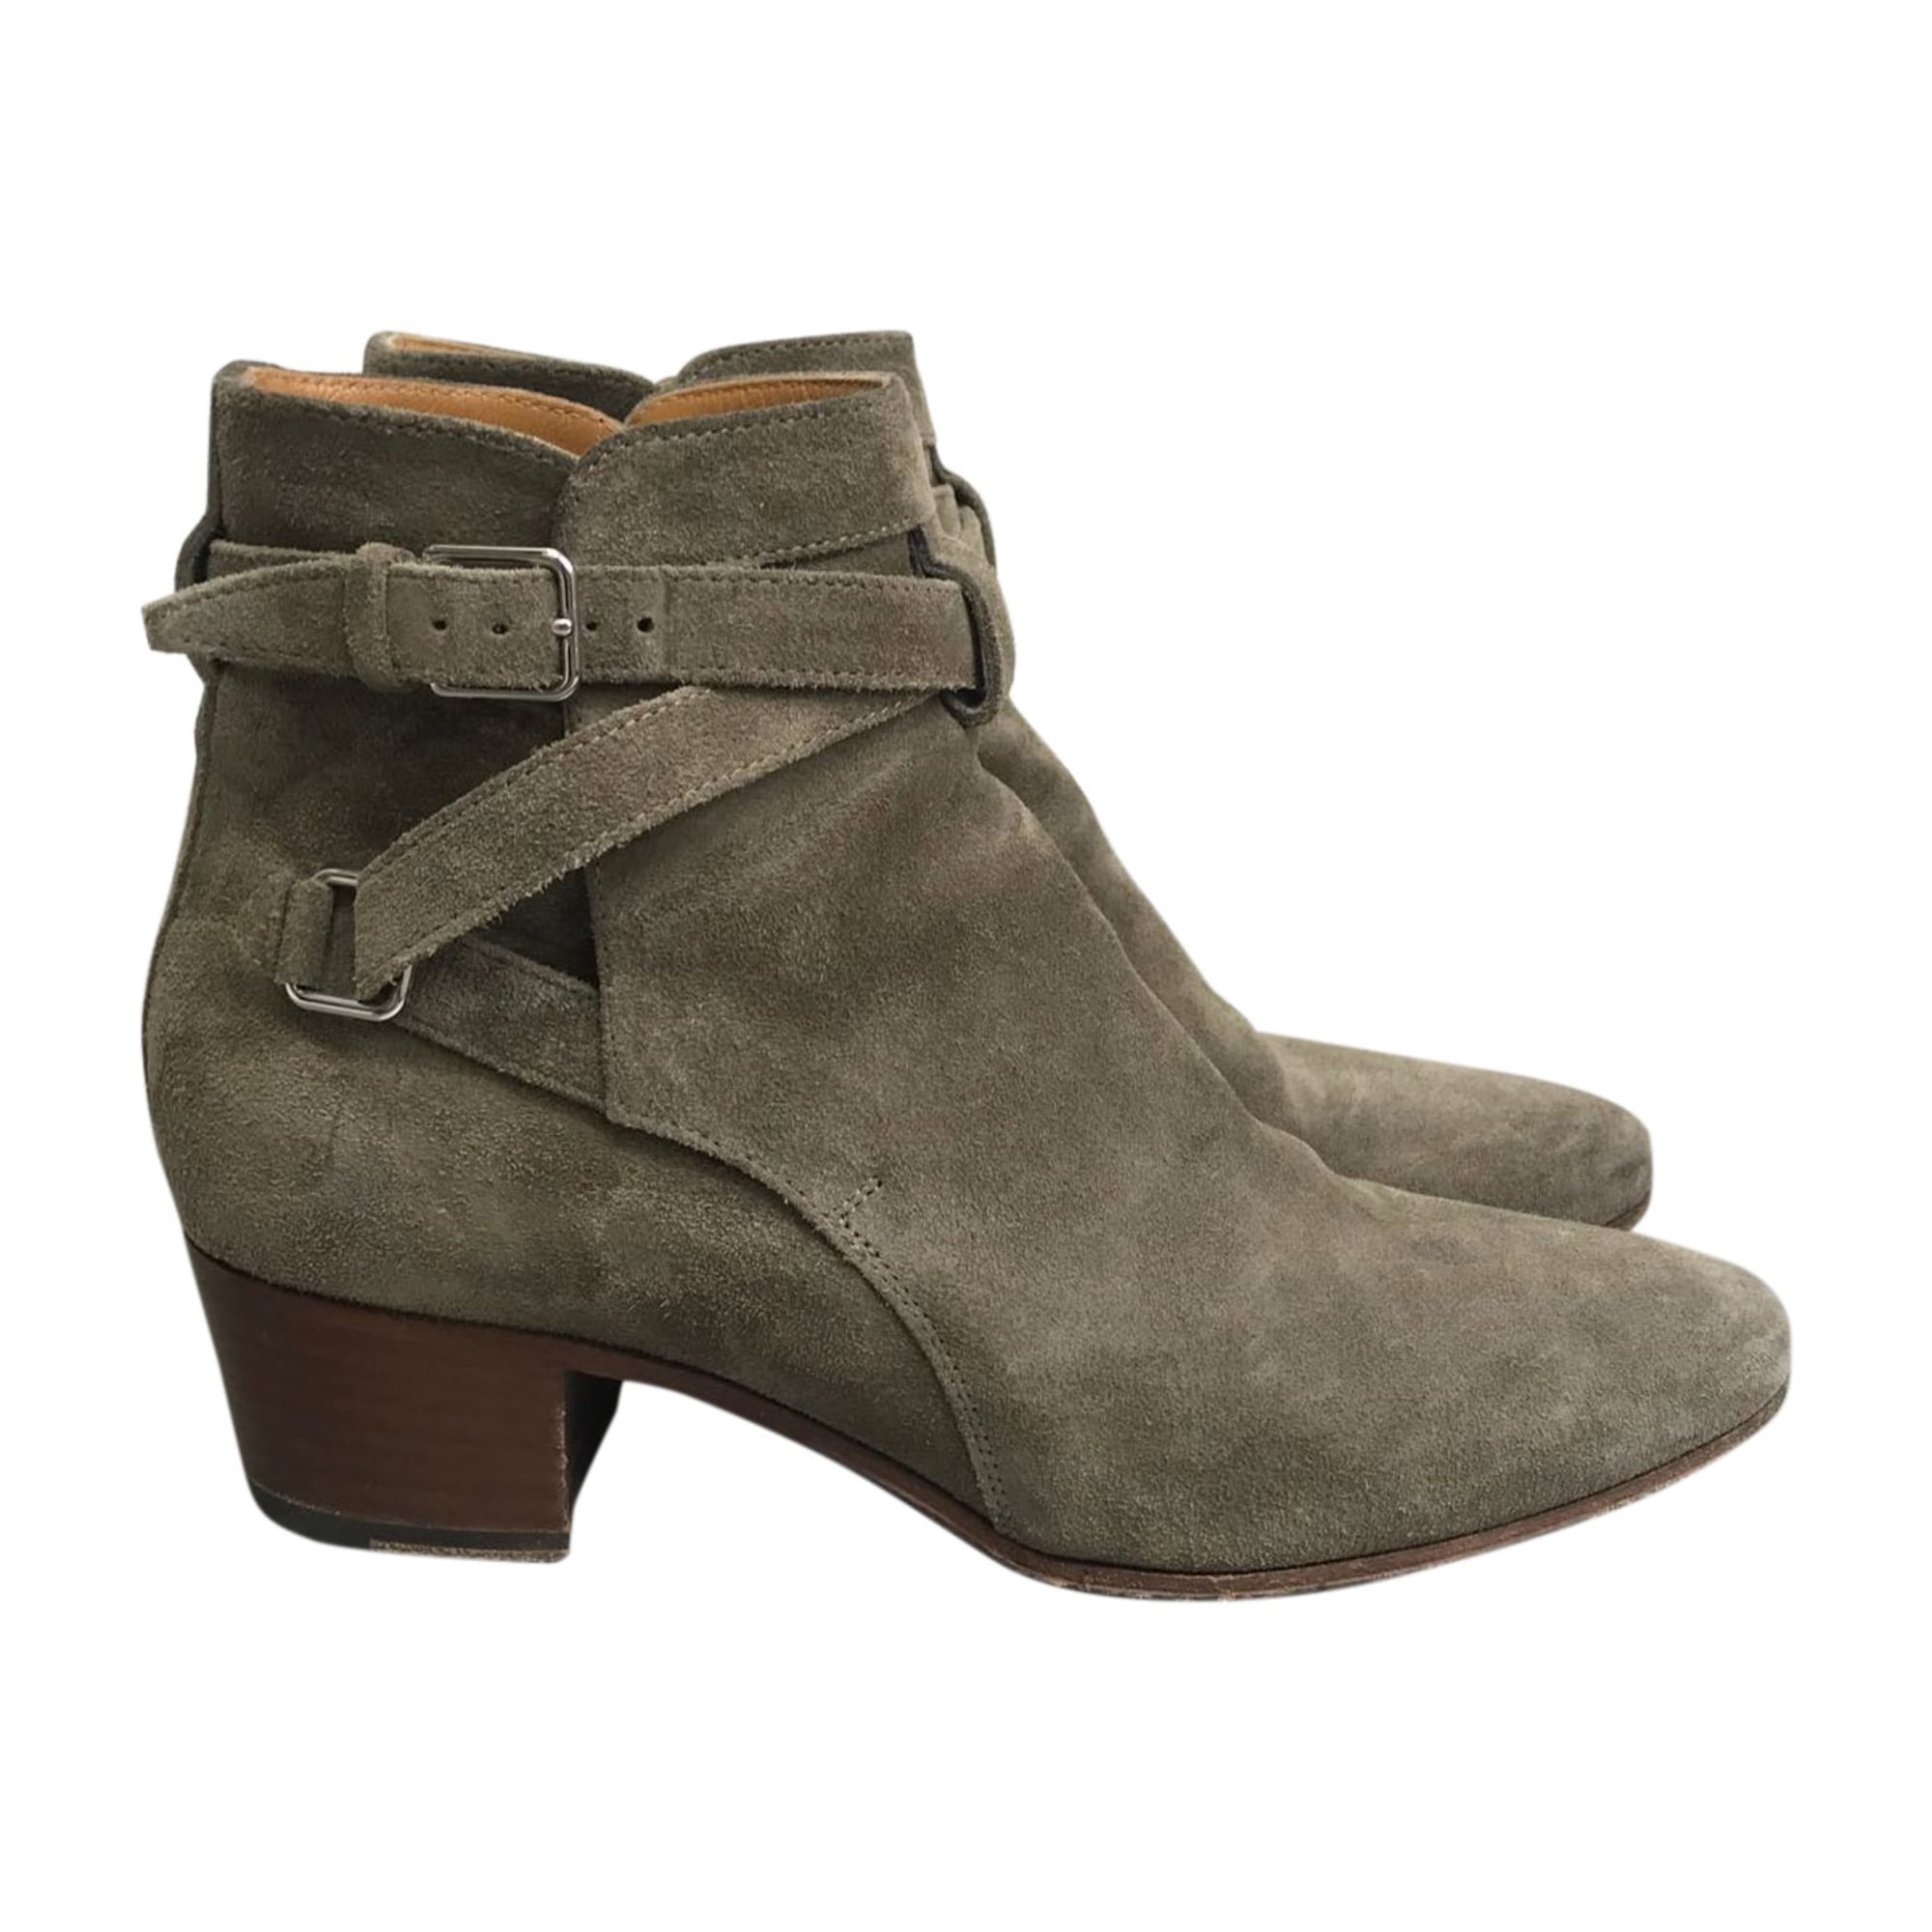 Bottines & low boots à talons SAINT LAURENT Beige, camel